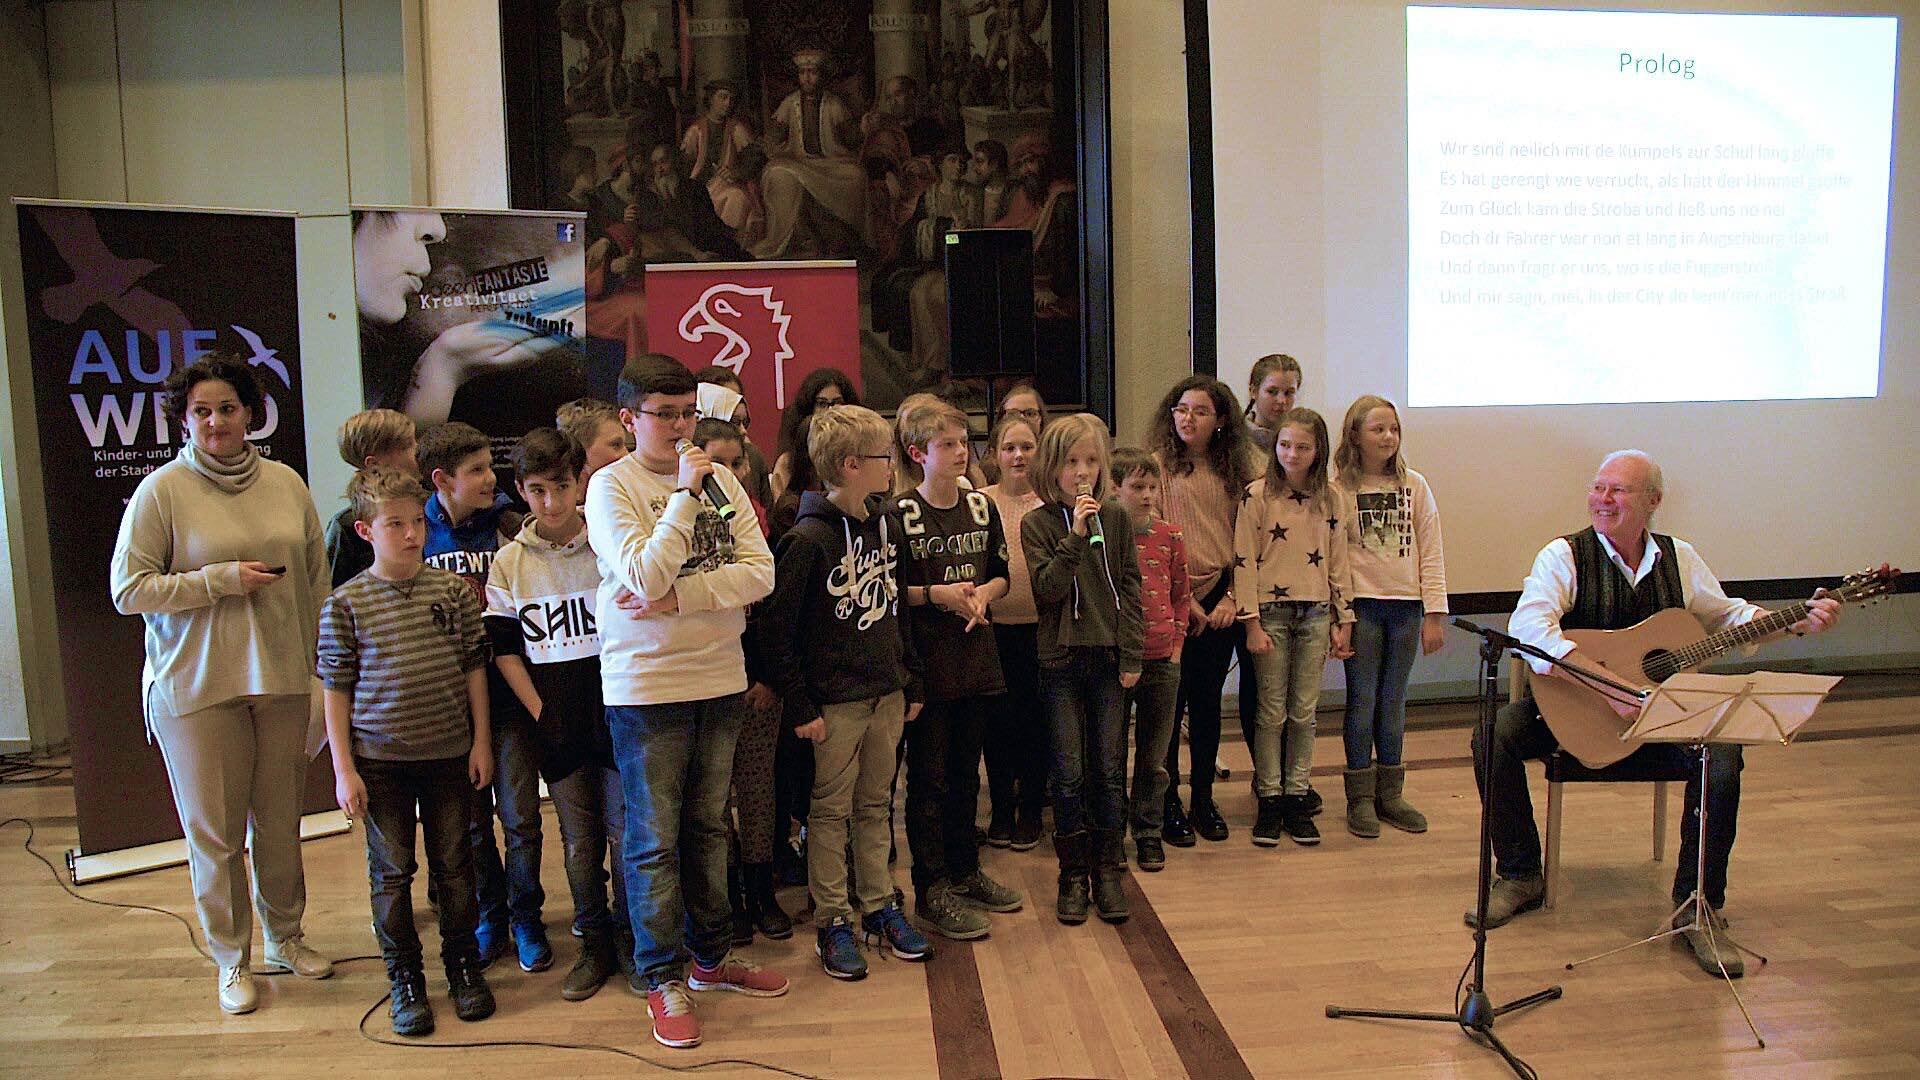 Klasse 6c des Maria Theresia Gymnasiums - Foto: Catinca Soptirean)